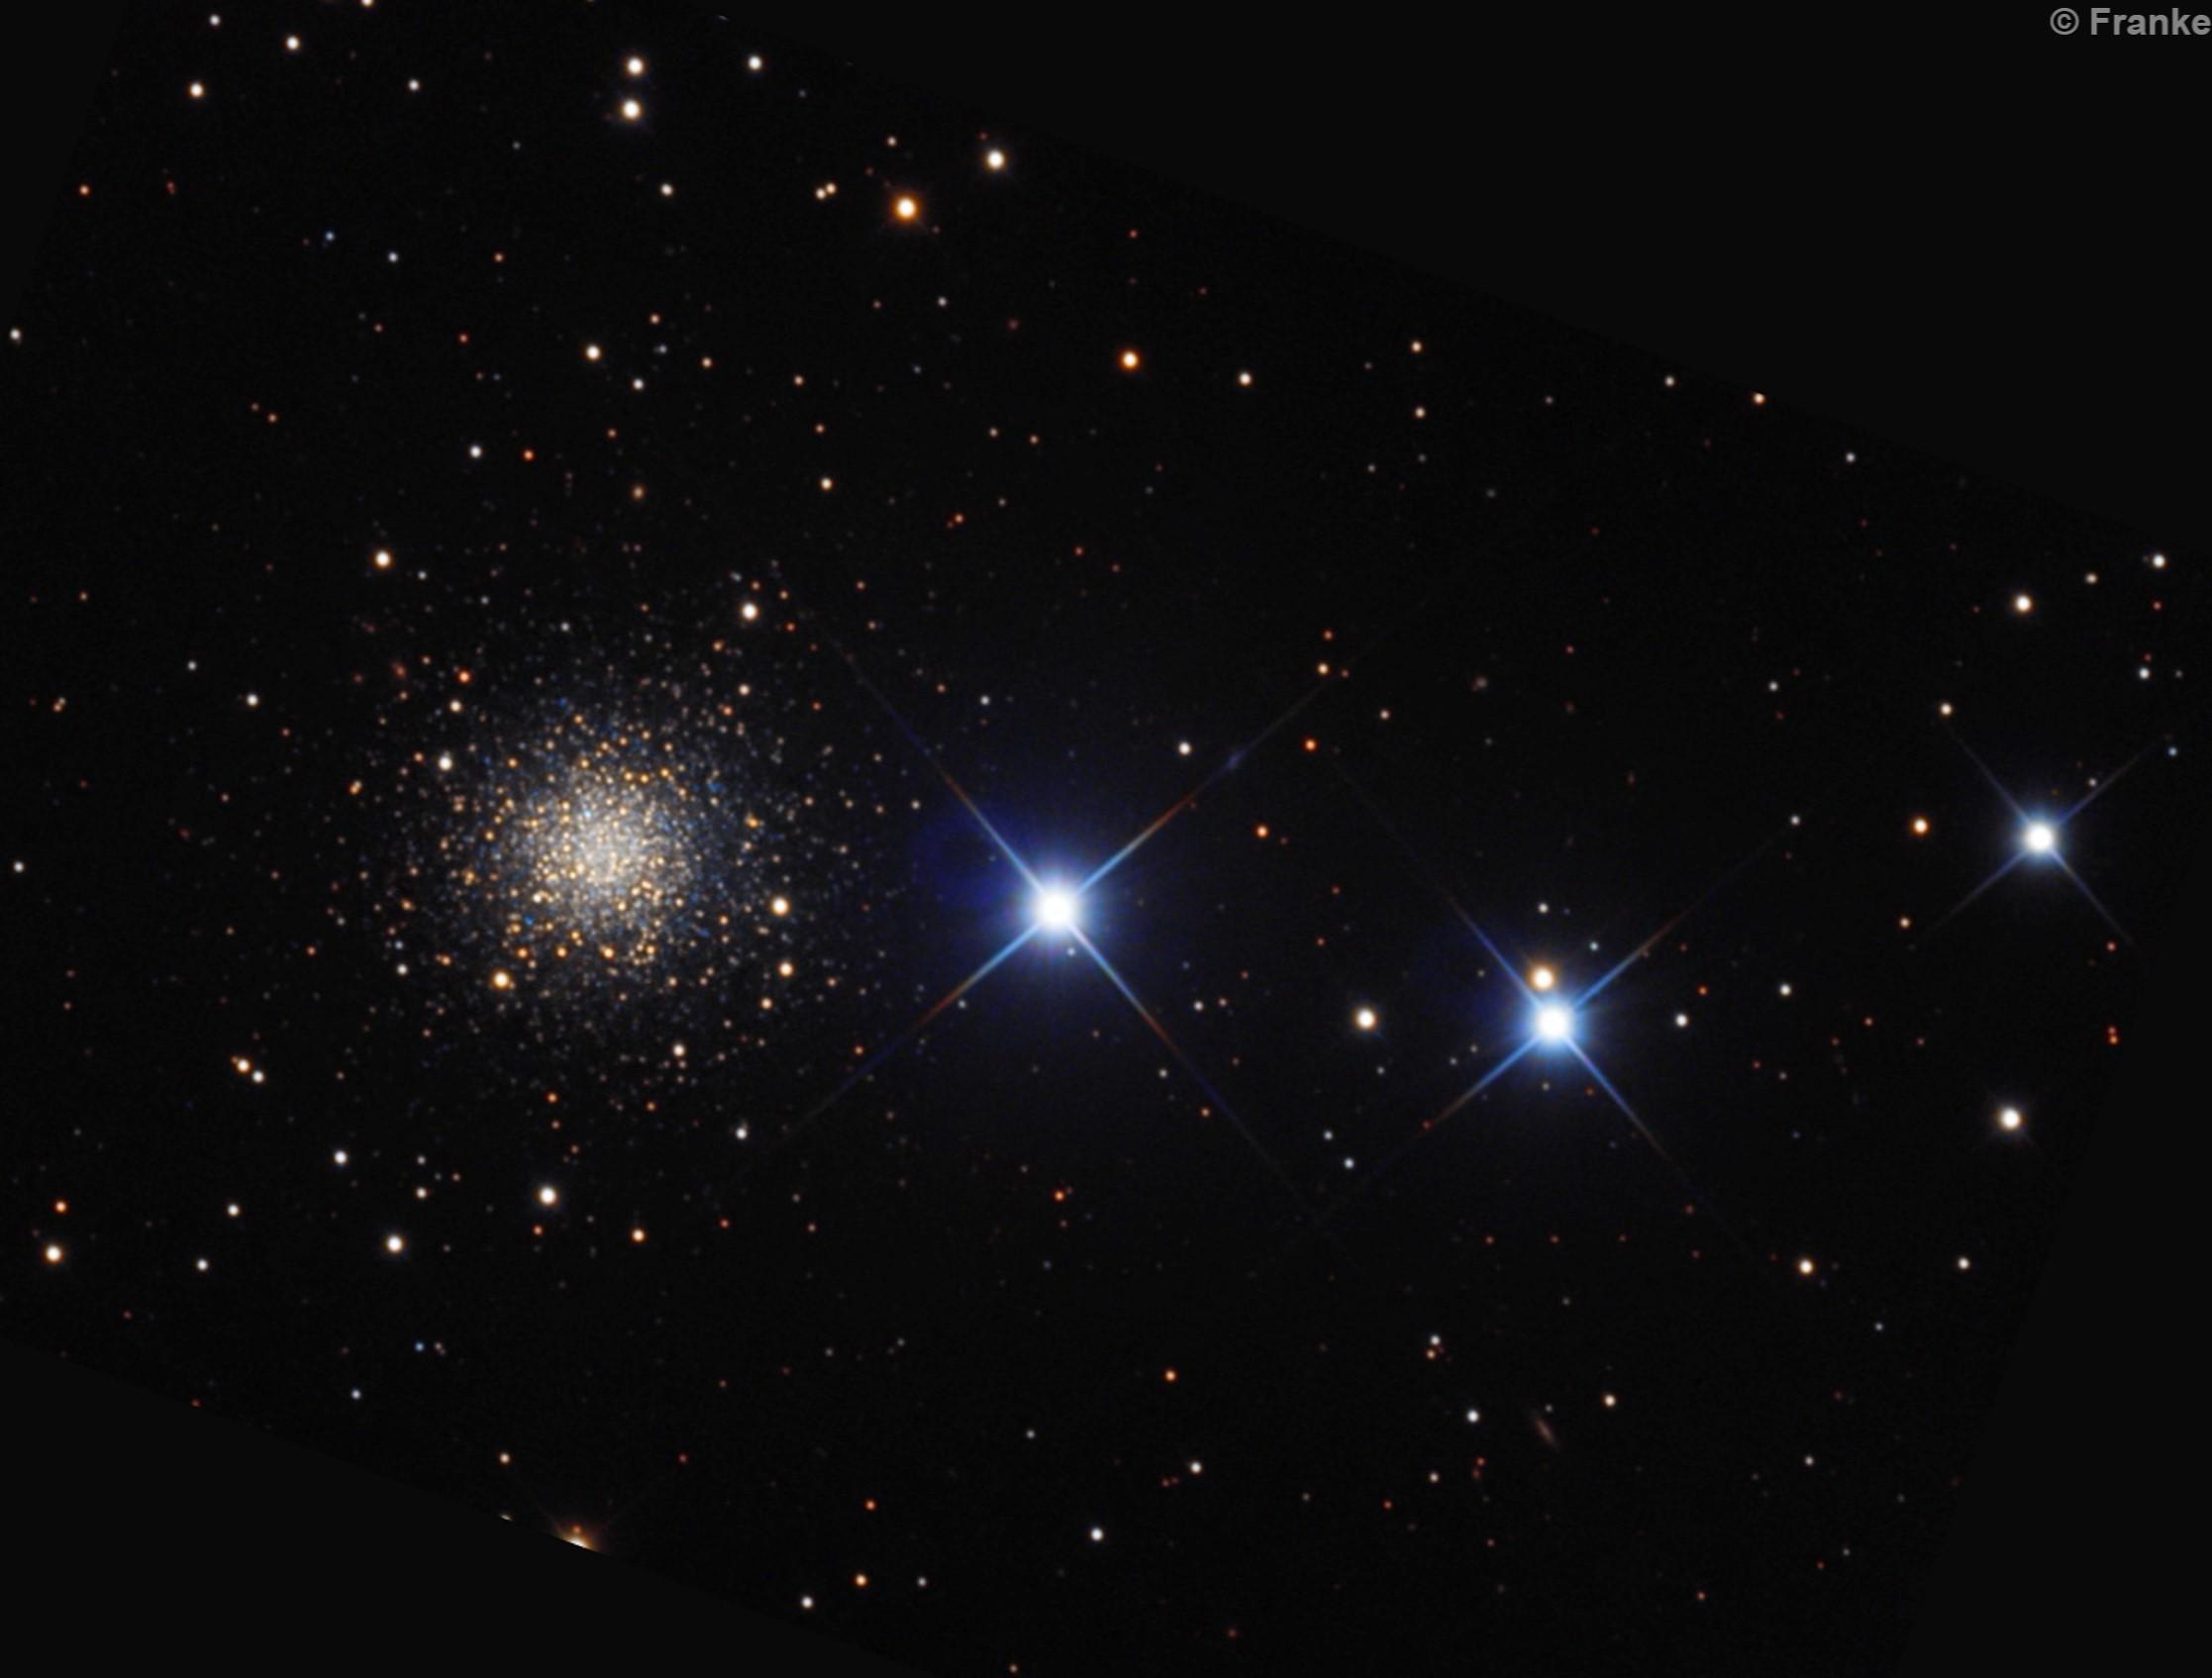 NGC 2419, the Intergalactic Wanderer